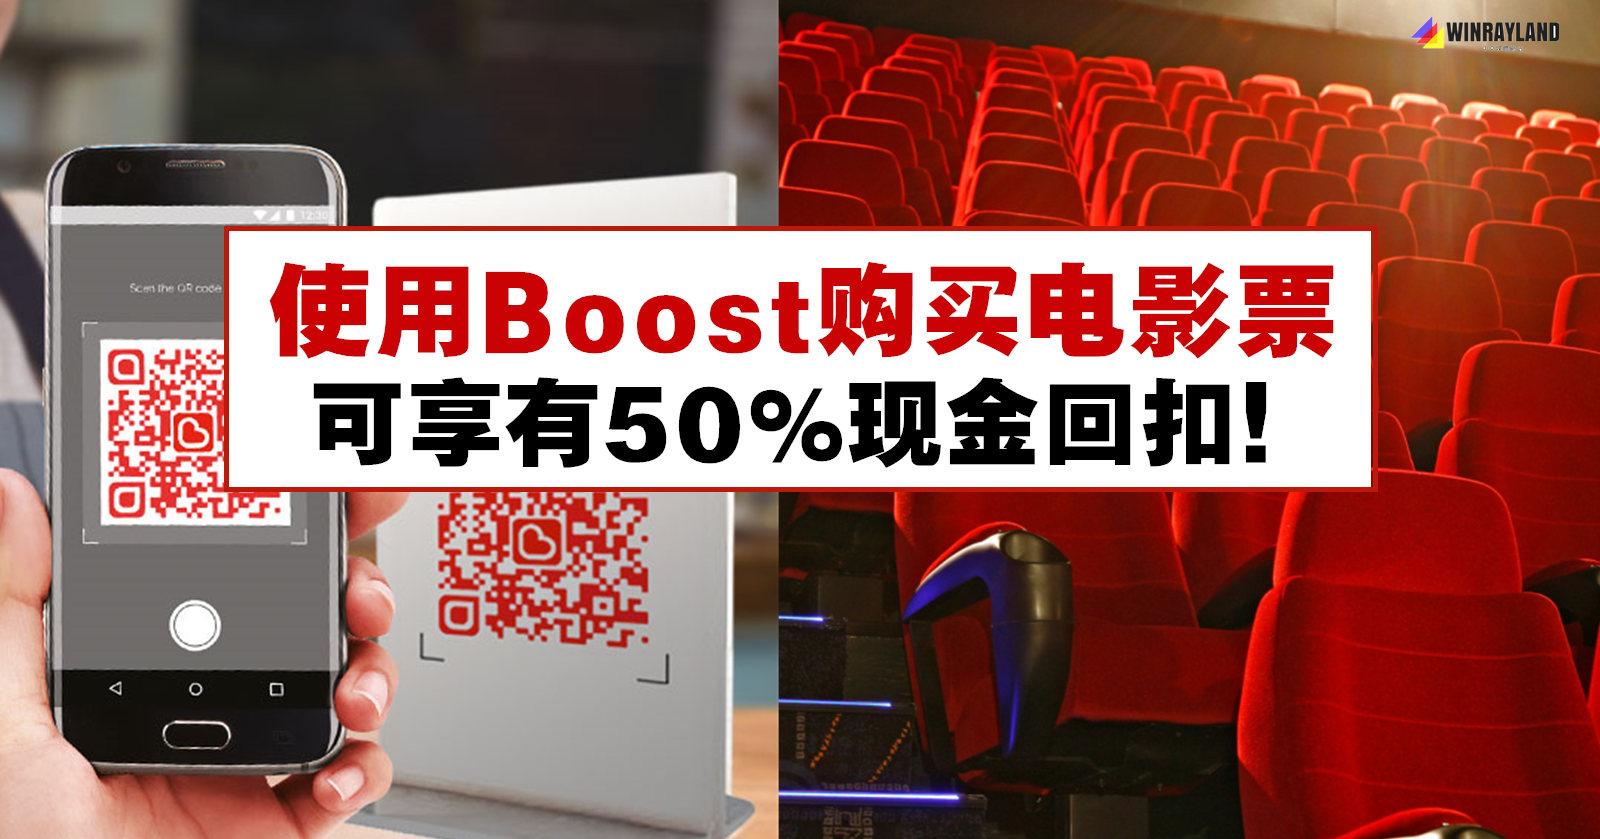 使用Boost购买电影票可享有50%现金回扣!